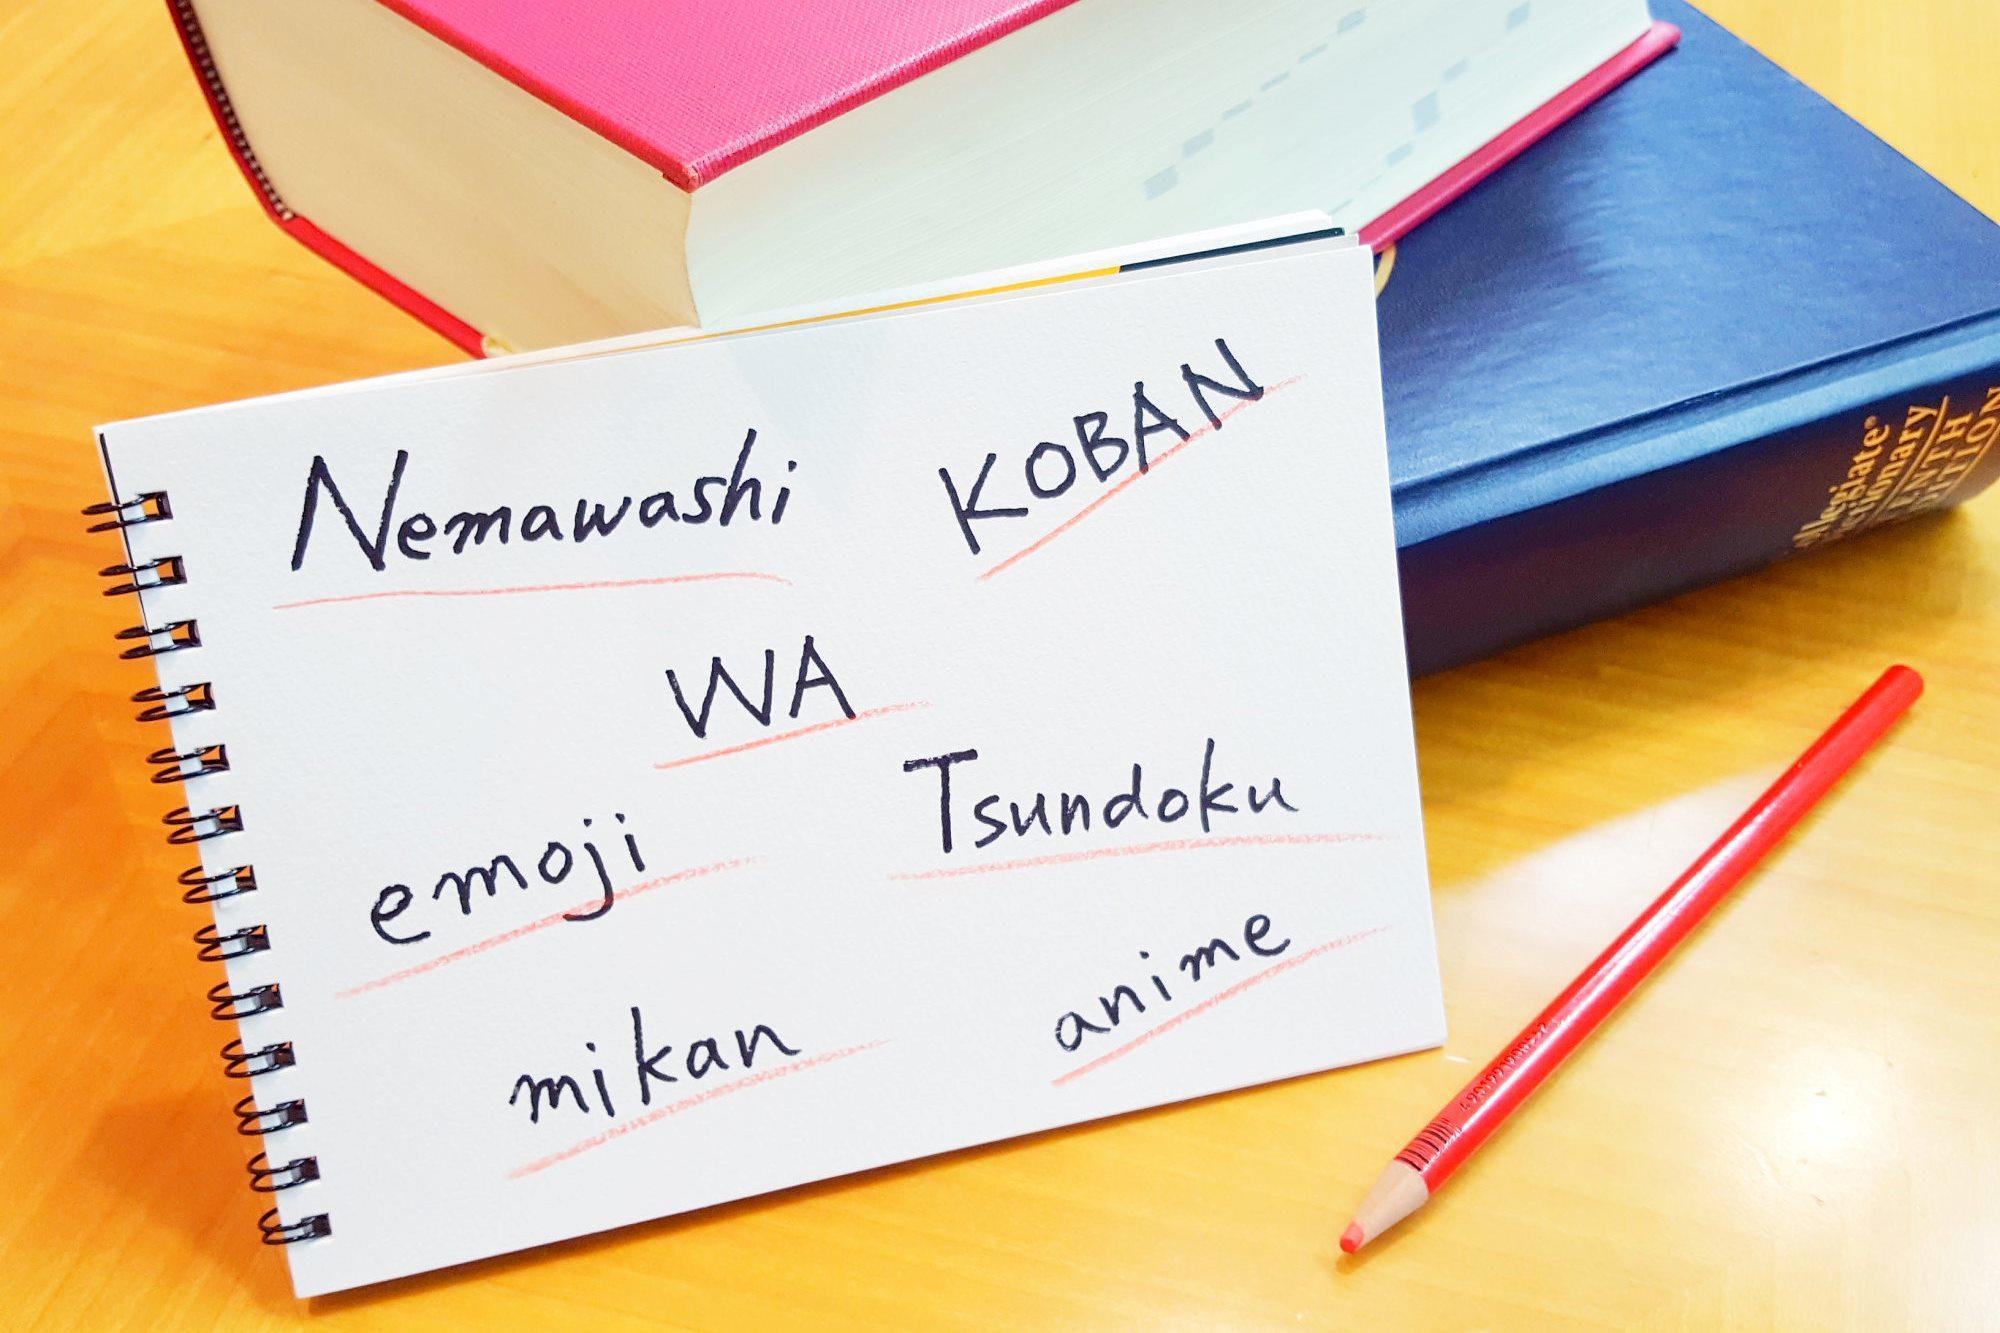 【小ネタ部】fujiyama、ninja、sushi......だけじゃない!海外で